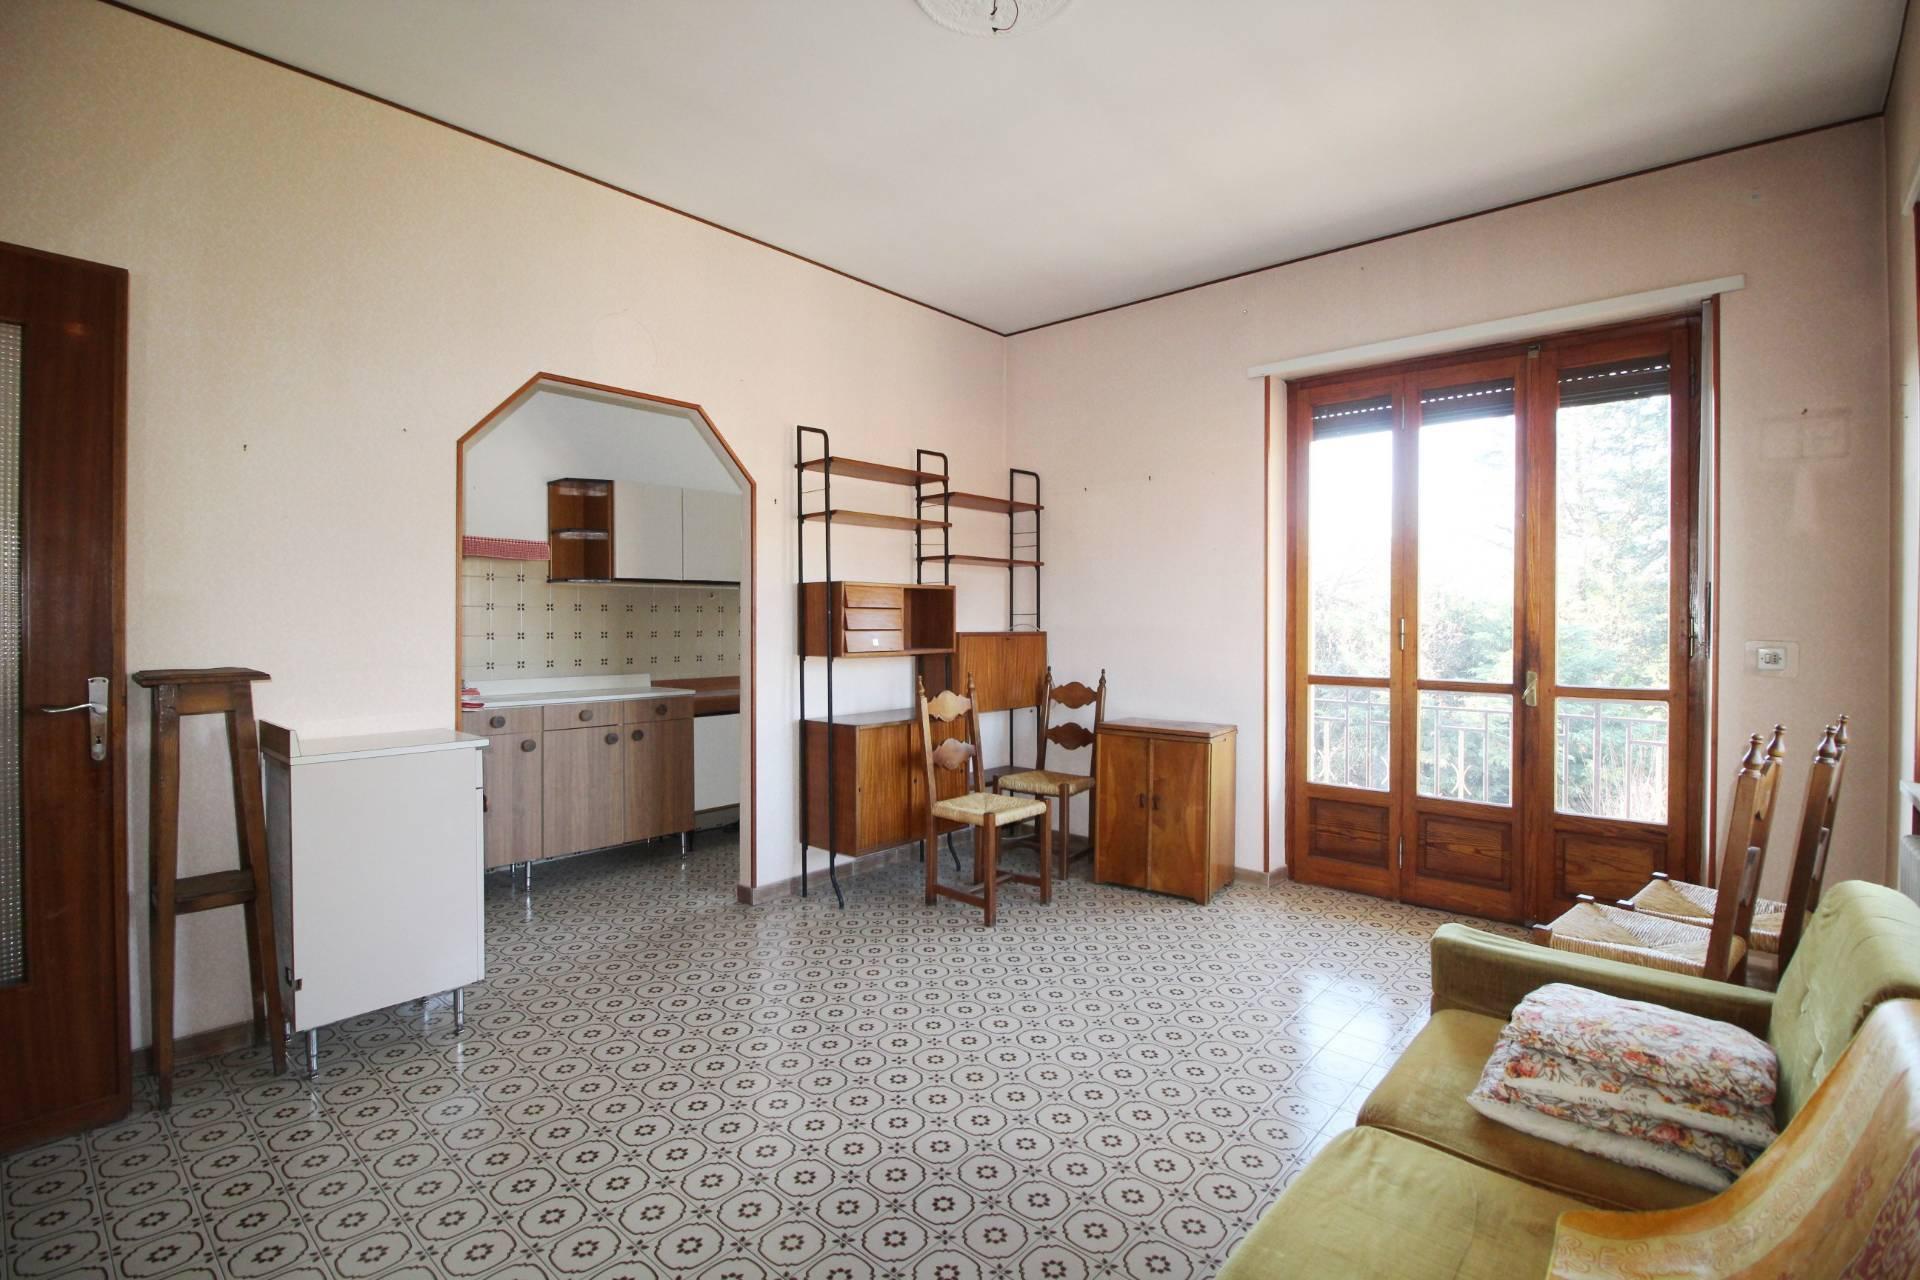 Appartamento in vendita a Giaveno, 4 locali, zona Località: Centro, prezzo € 92.000   CambioCasa.it